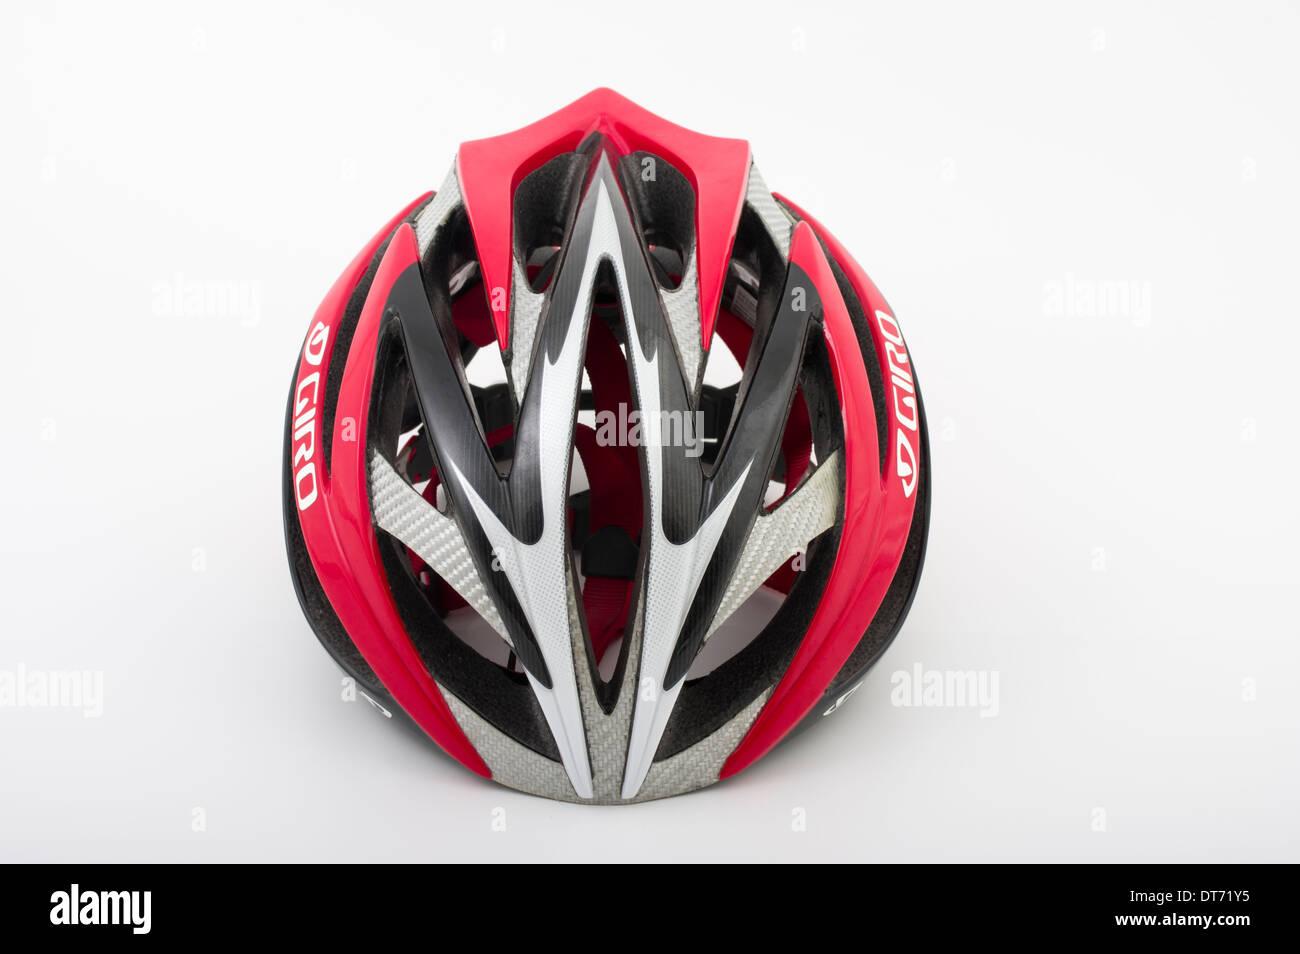 Giro Ionos road race ligero / Ciclismo triatlón casco Imagen De Stock